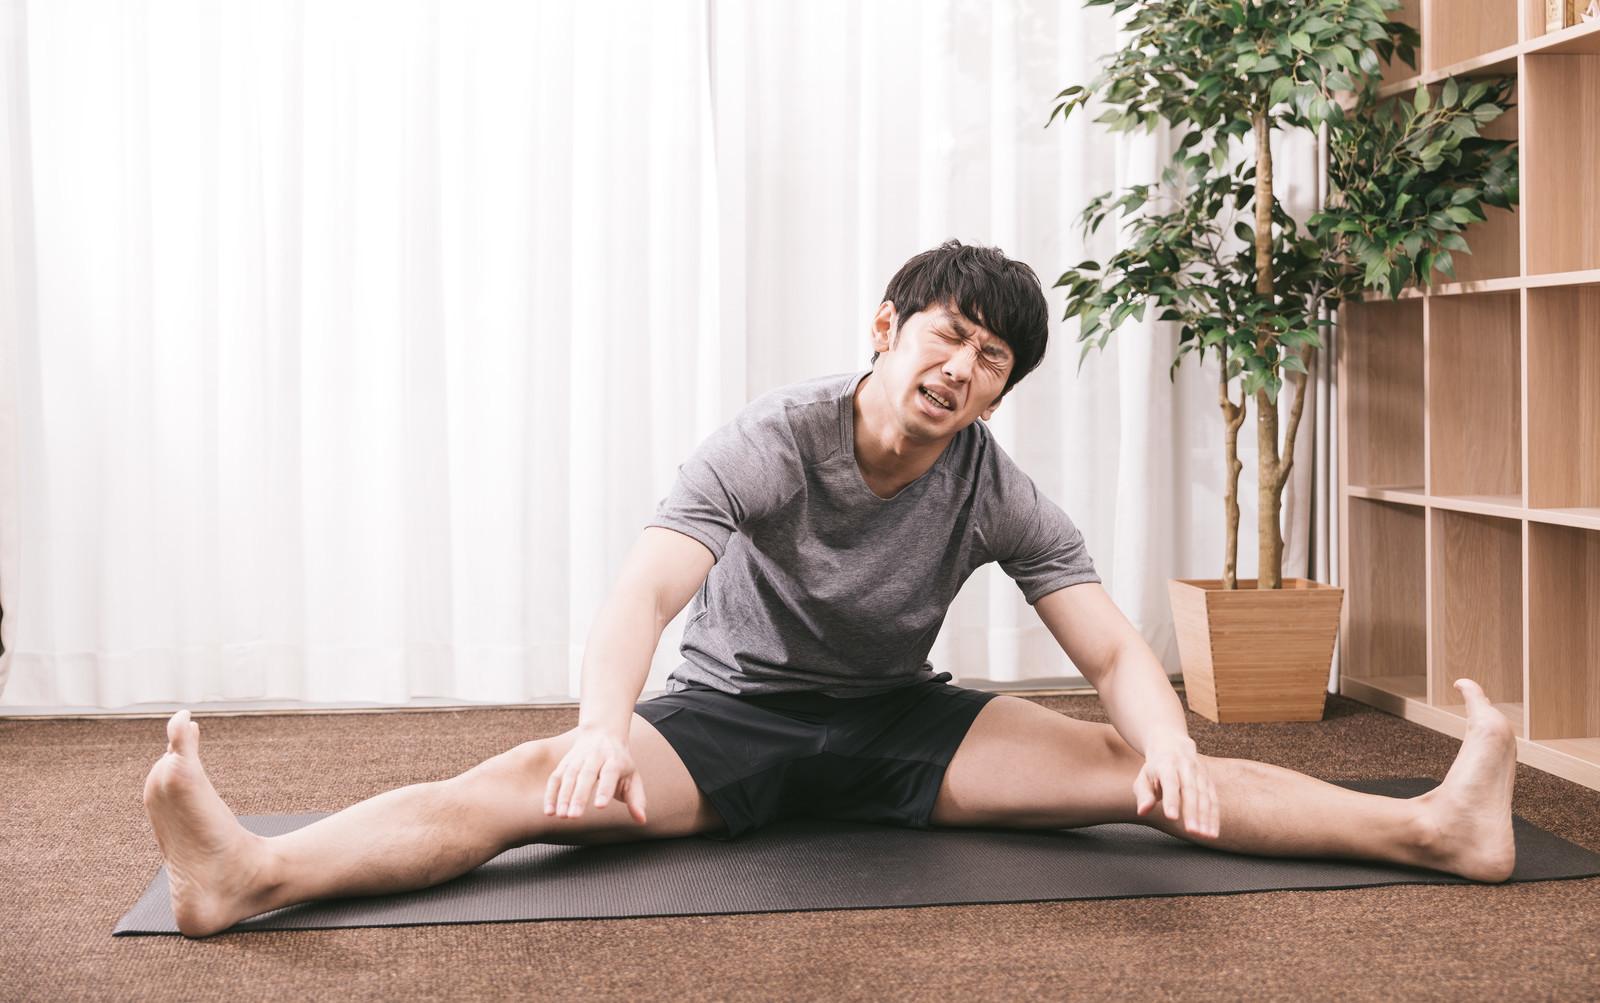 是[面白日本] 腿毛過濃惹人厭?日本男子除毛市場大爆發這篇文章的首圖